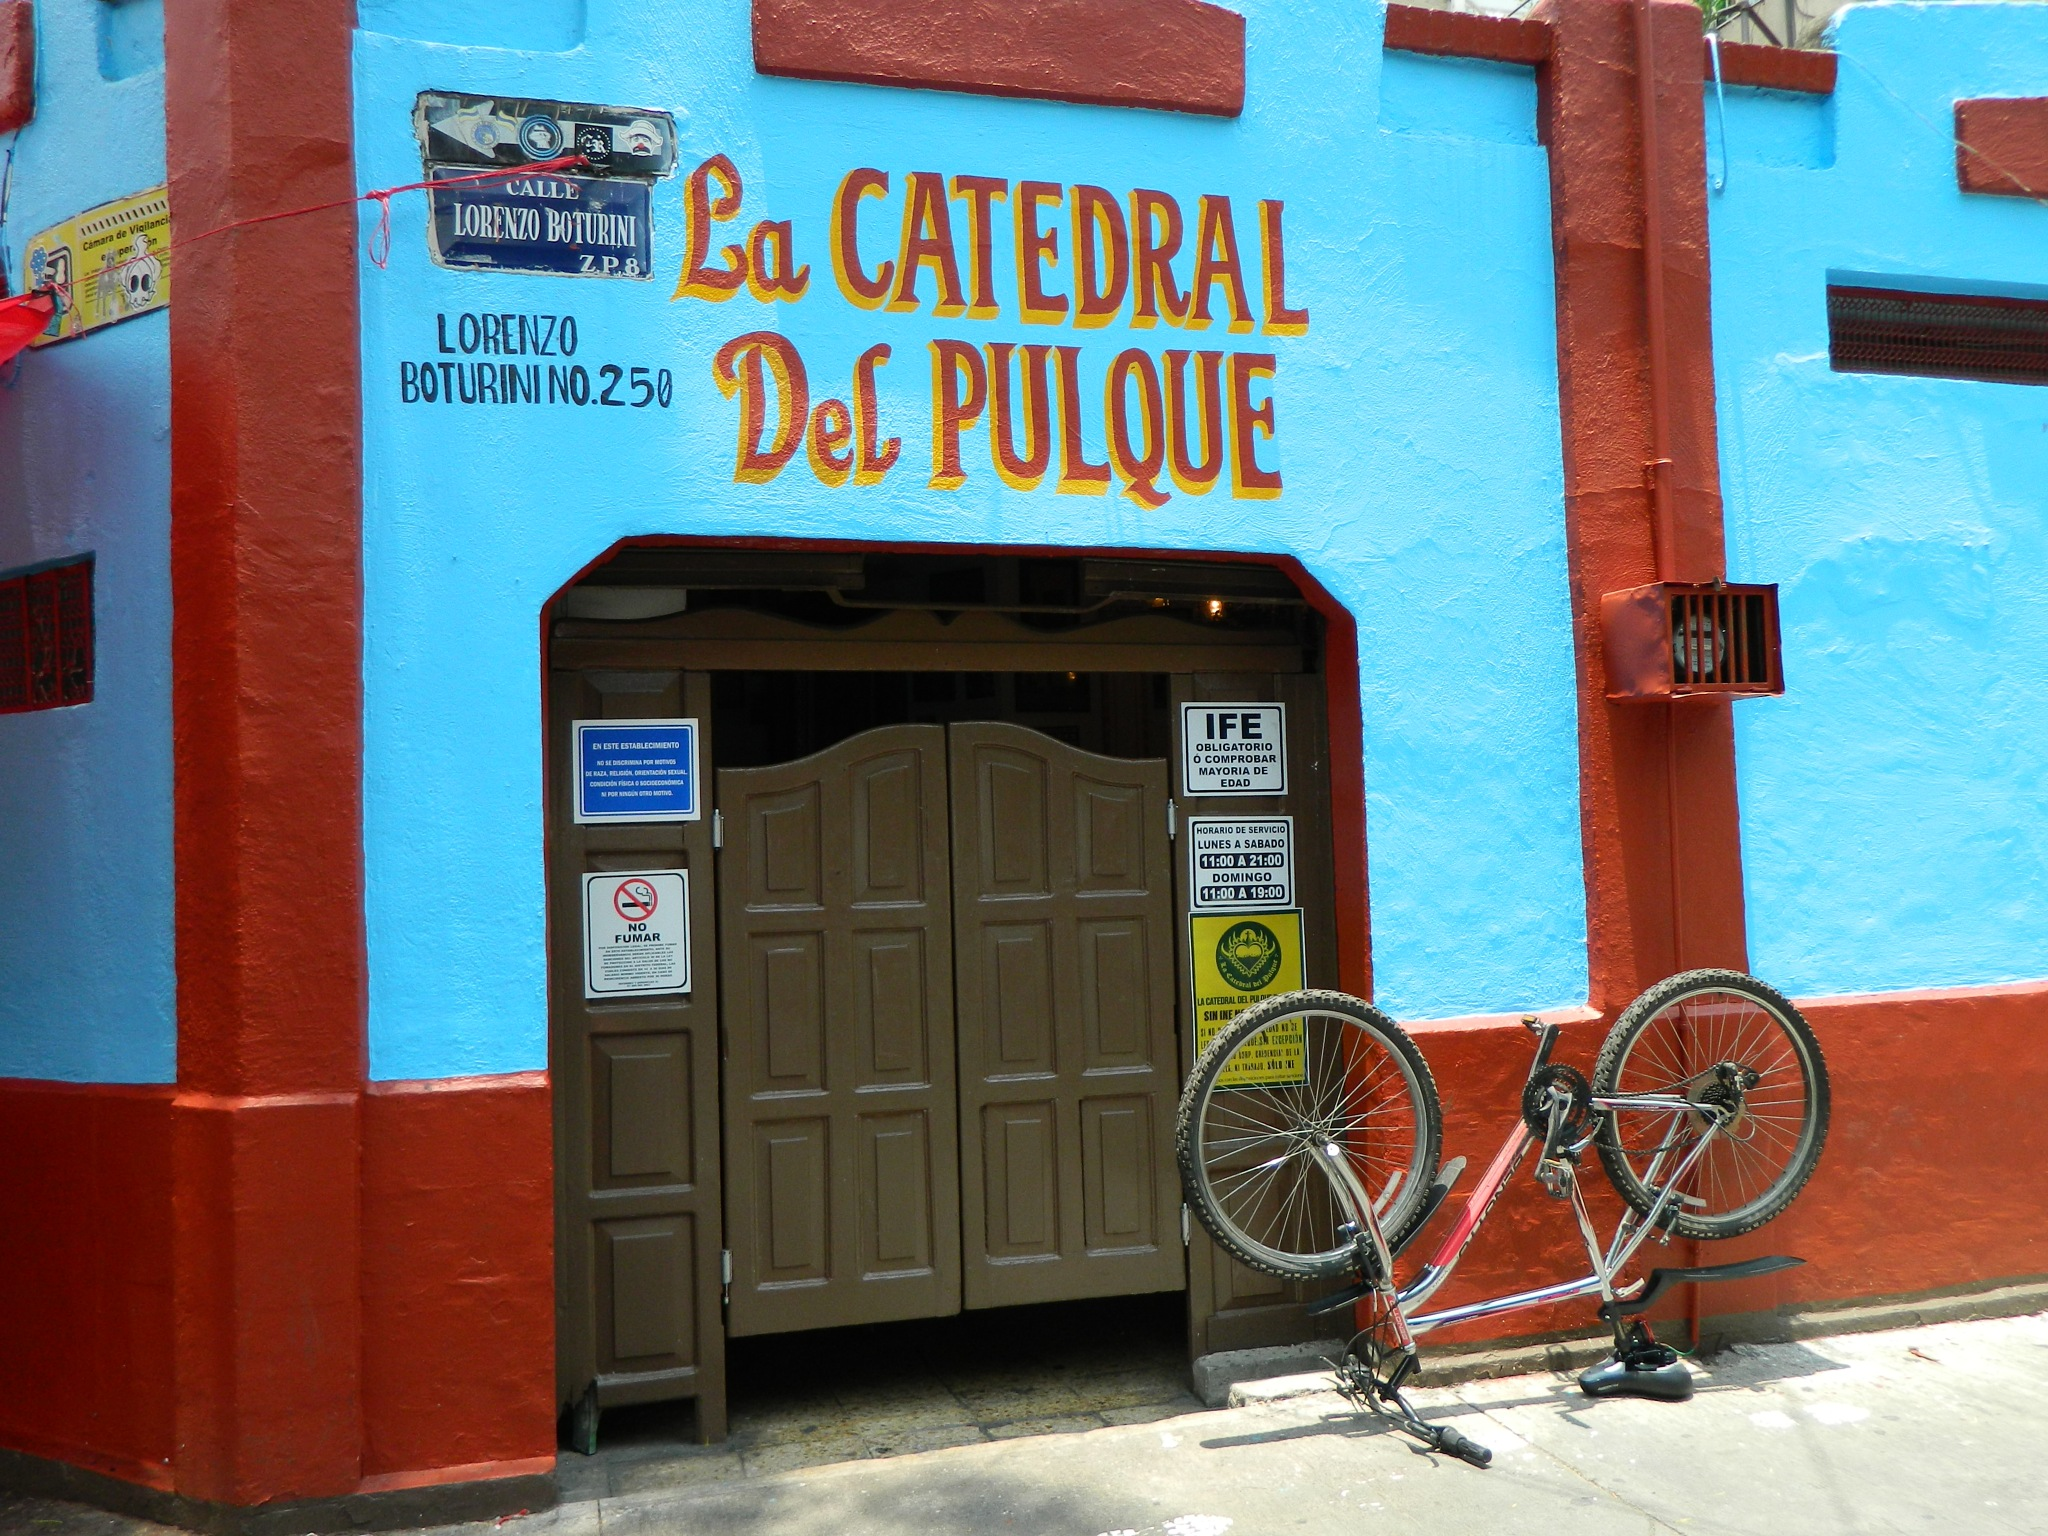 Catedral. by Emilio Gonzalez